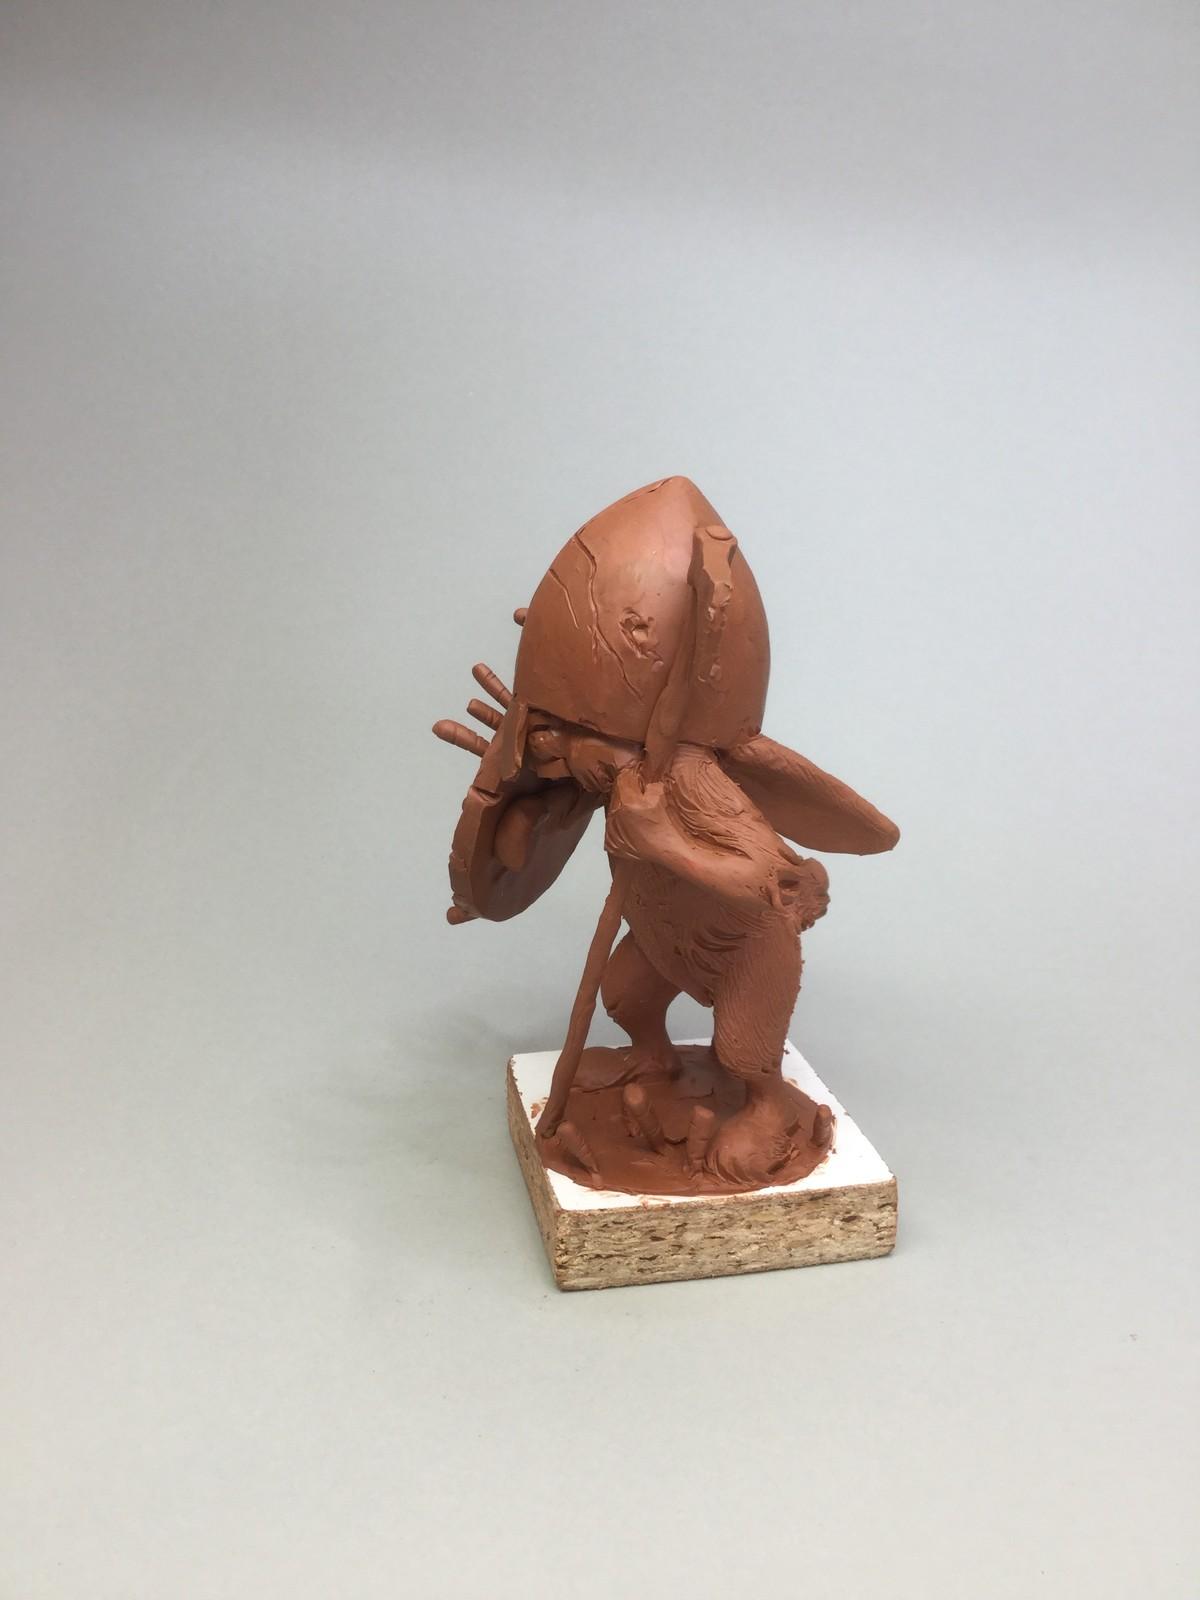 Rabbit/quick sketch plasticine/size 6 inches